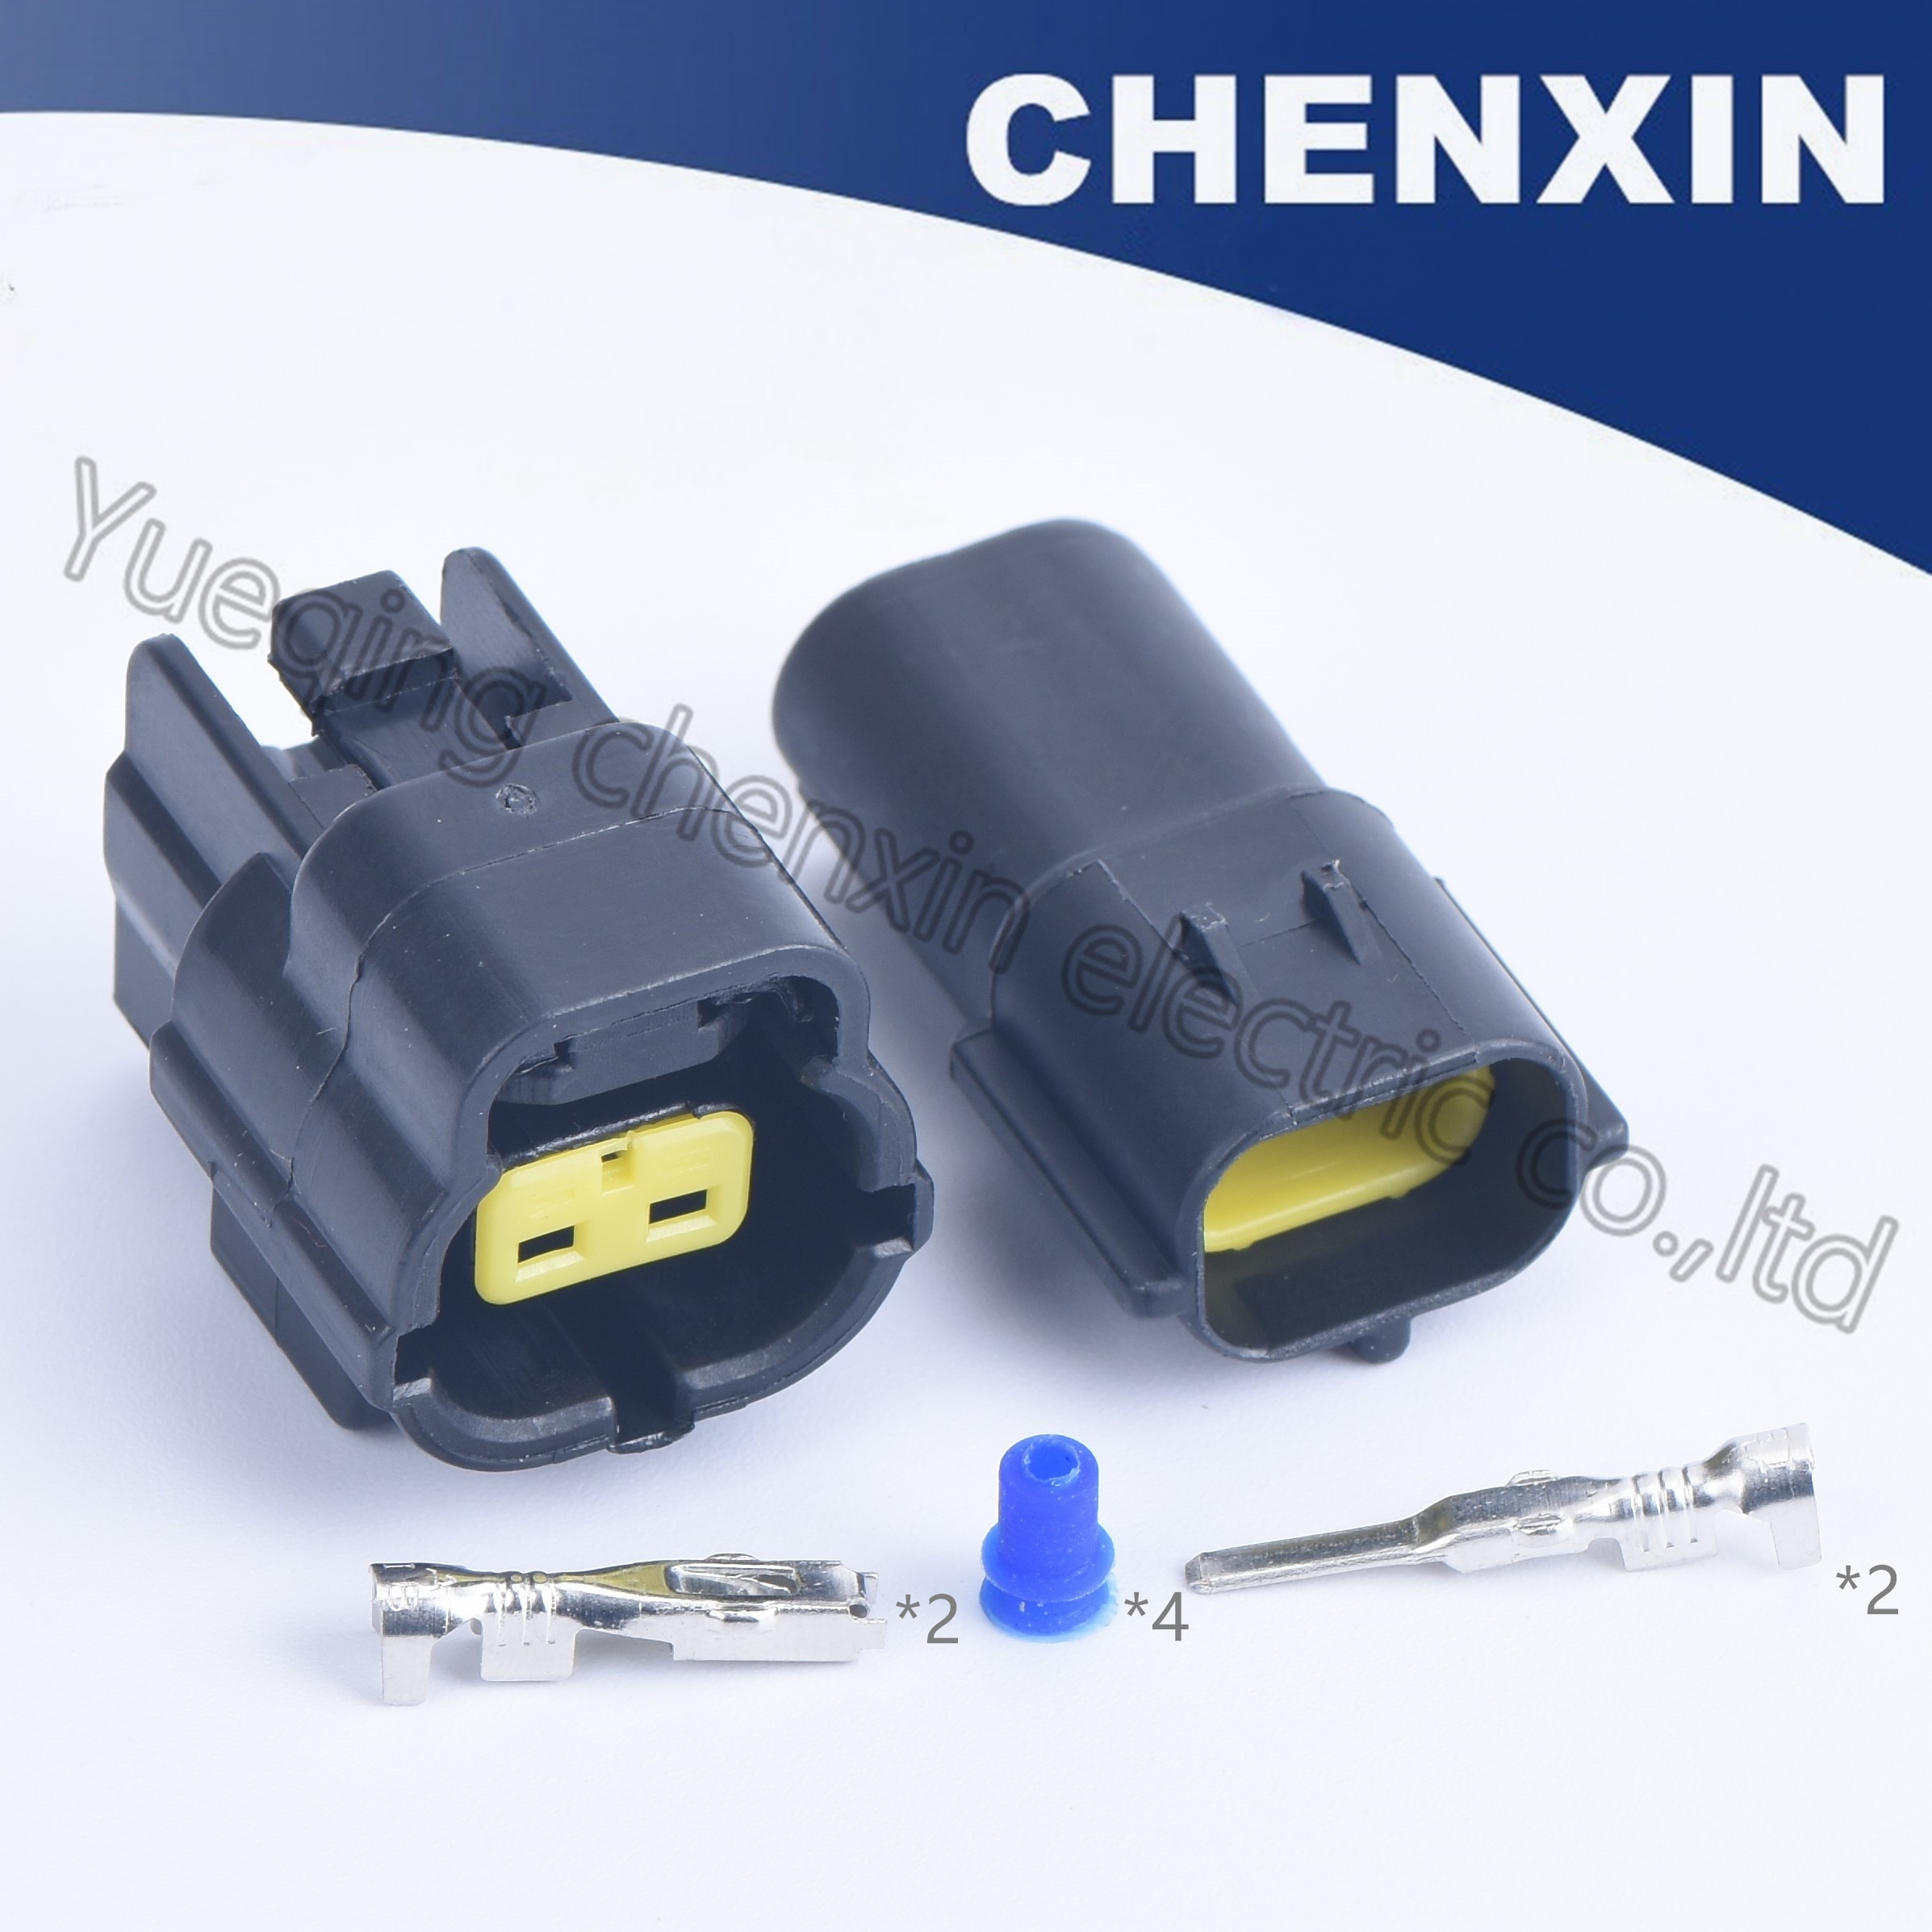 Conectores de coche impermeables 2 p 1,8 macho y hembra 174352-2/174354-2 Temperatura de aire de admisión (IAT) conector de sensor cables adaptres enchufes